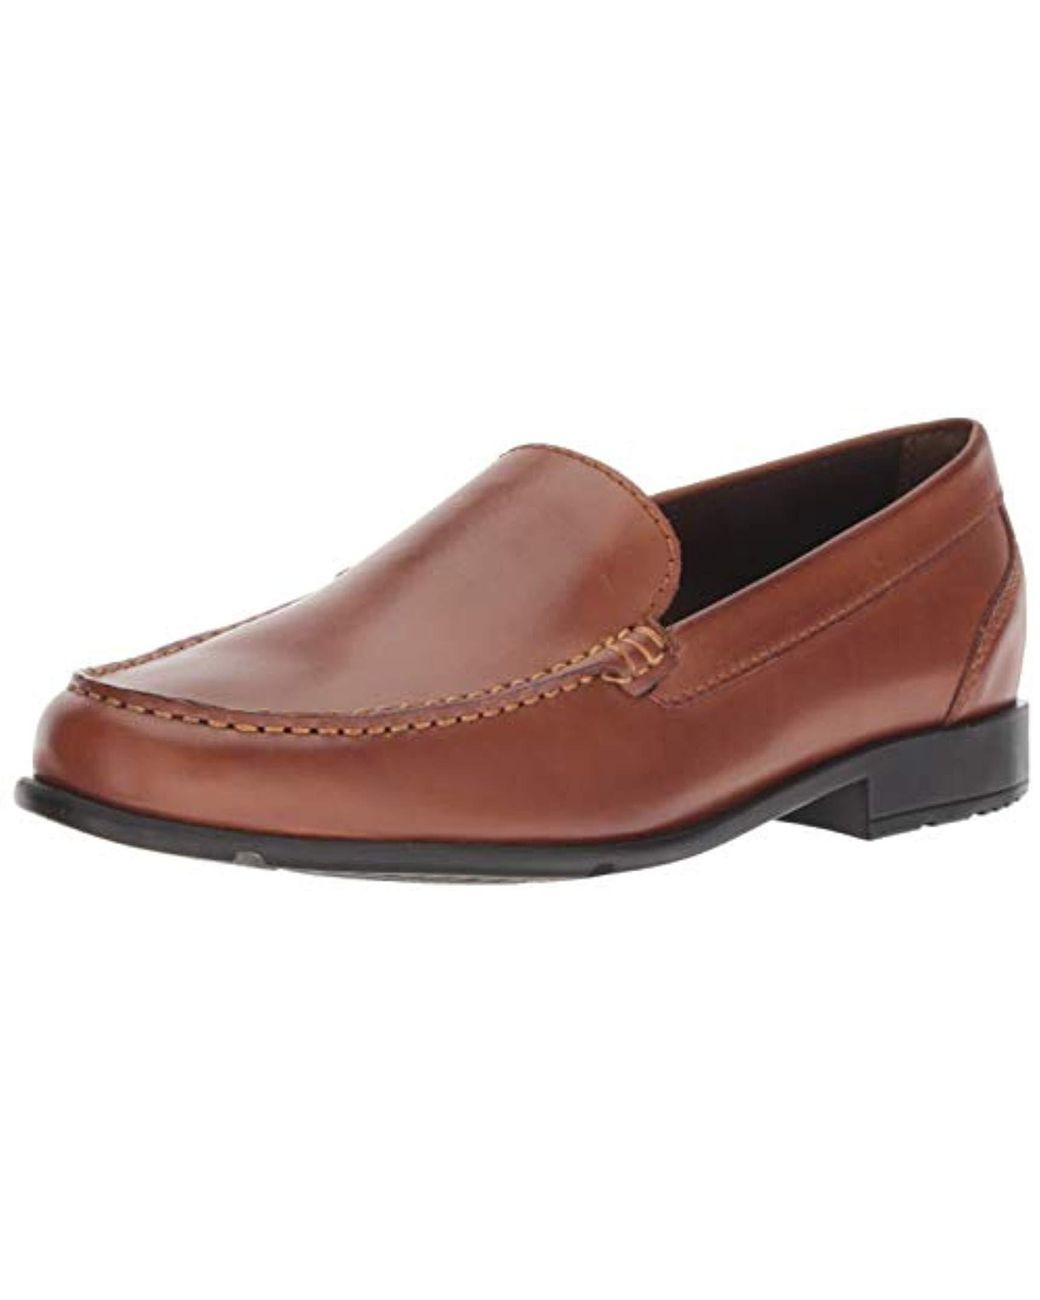 206c1e82b97a0 Men's Brown Classic Lite Venetian Slip-on Loafer